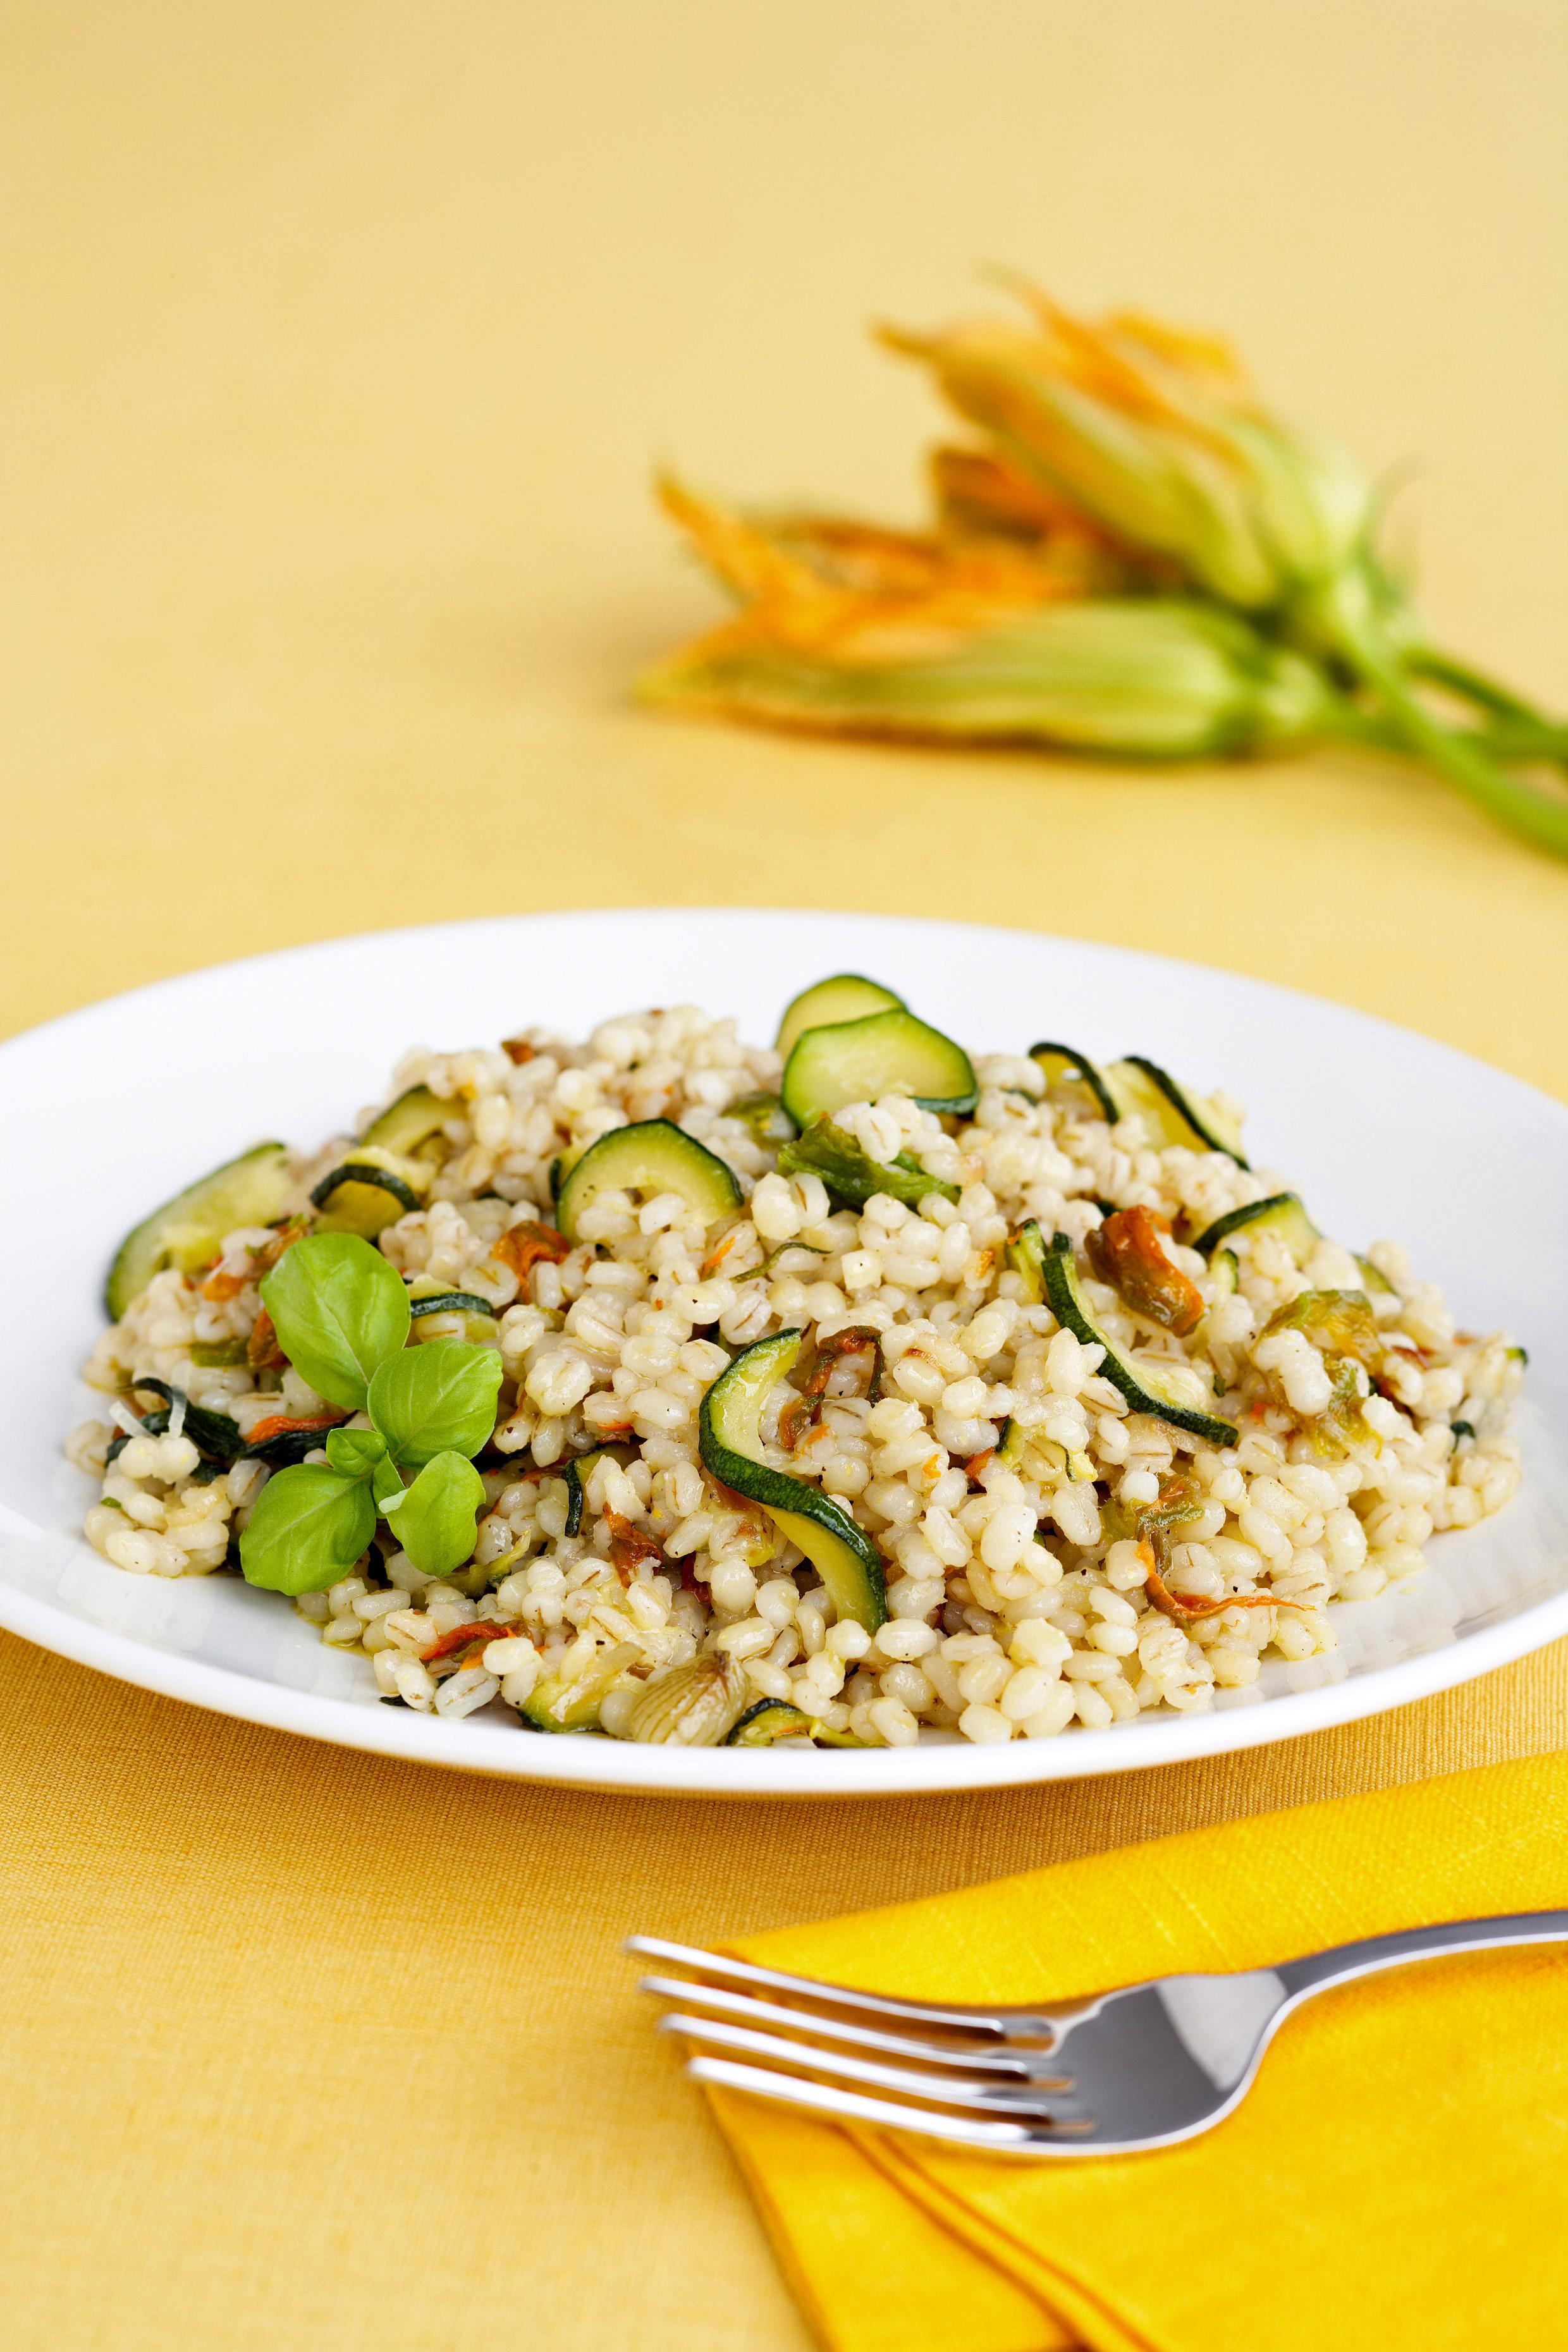 Fiori Zucchine Ricette.Orzotto Con Zucchine E Fiori Di Zucca Sale Pepe